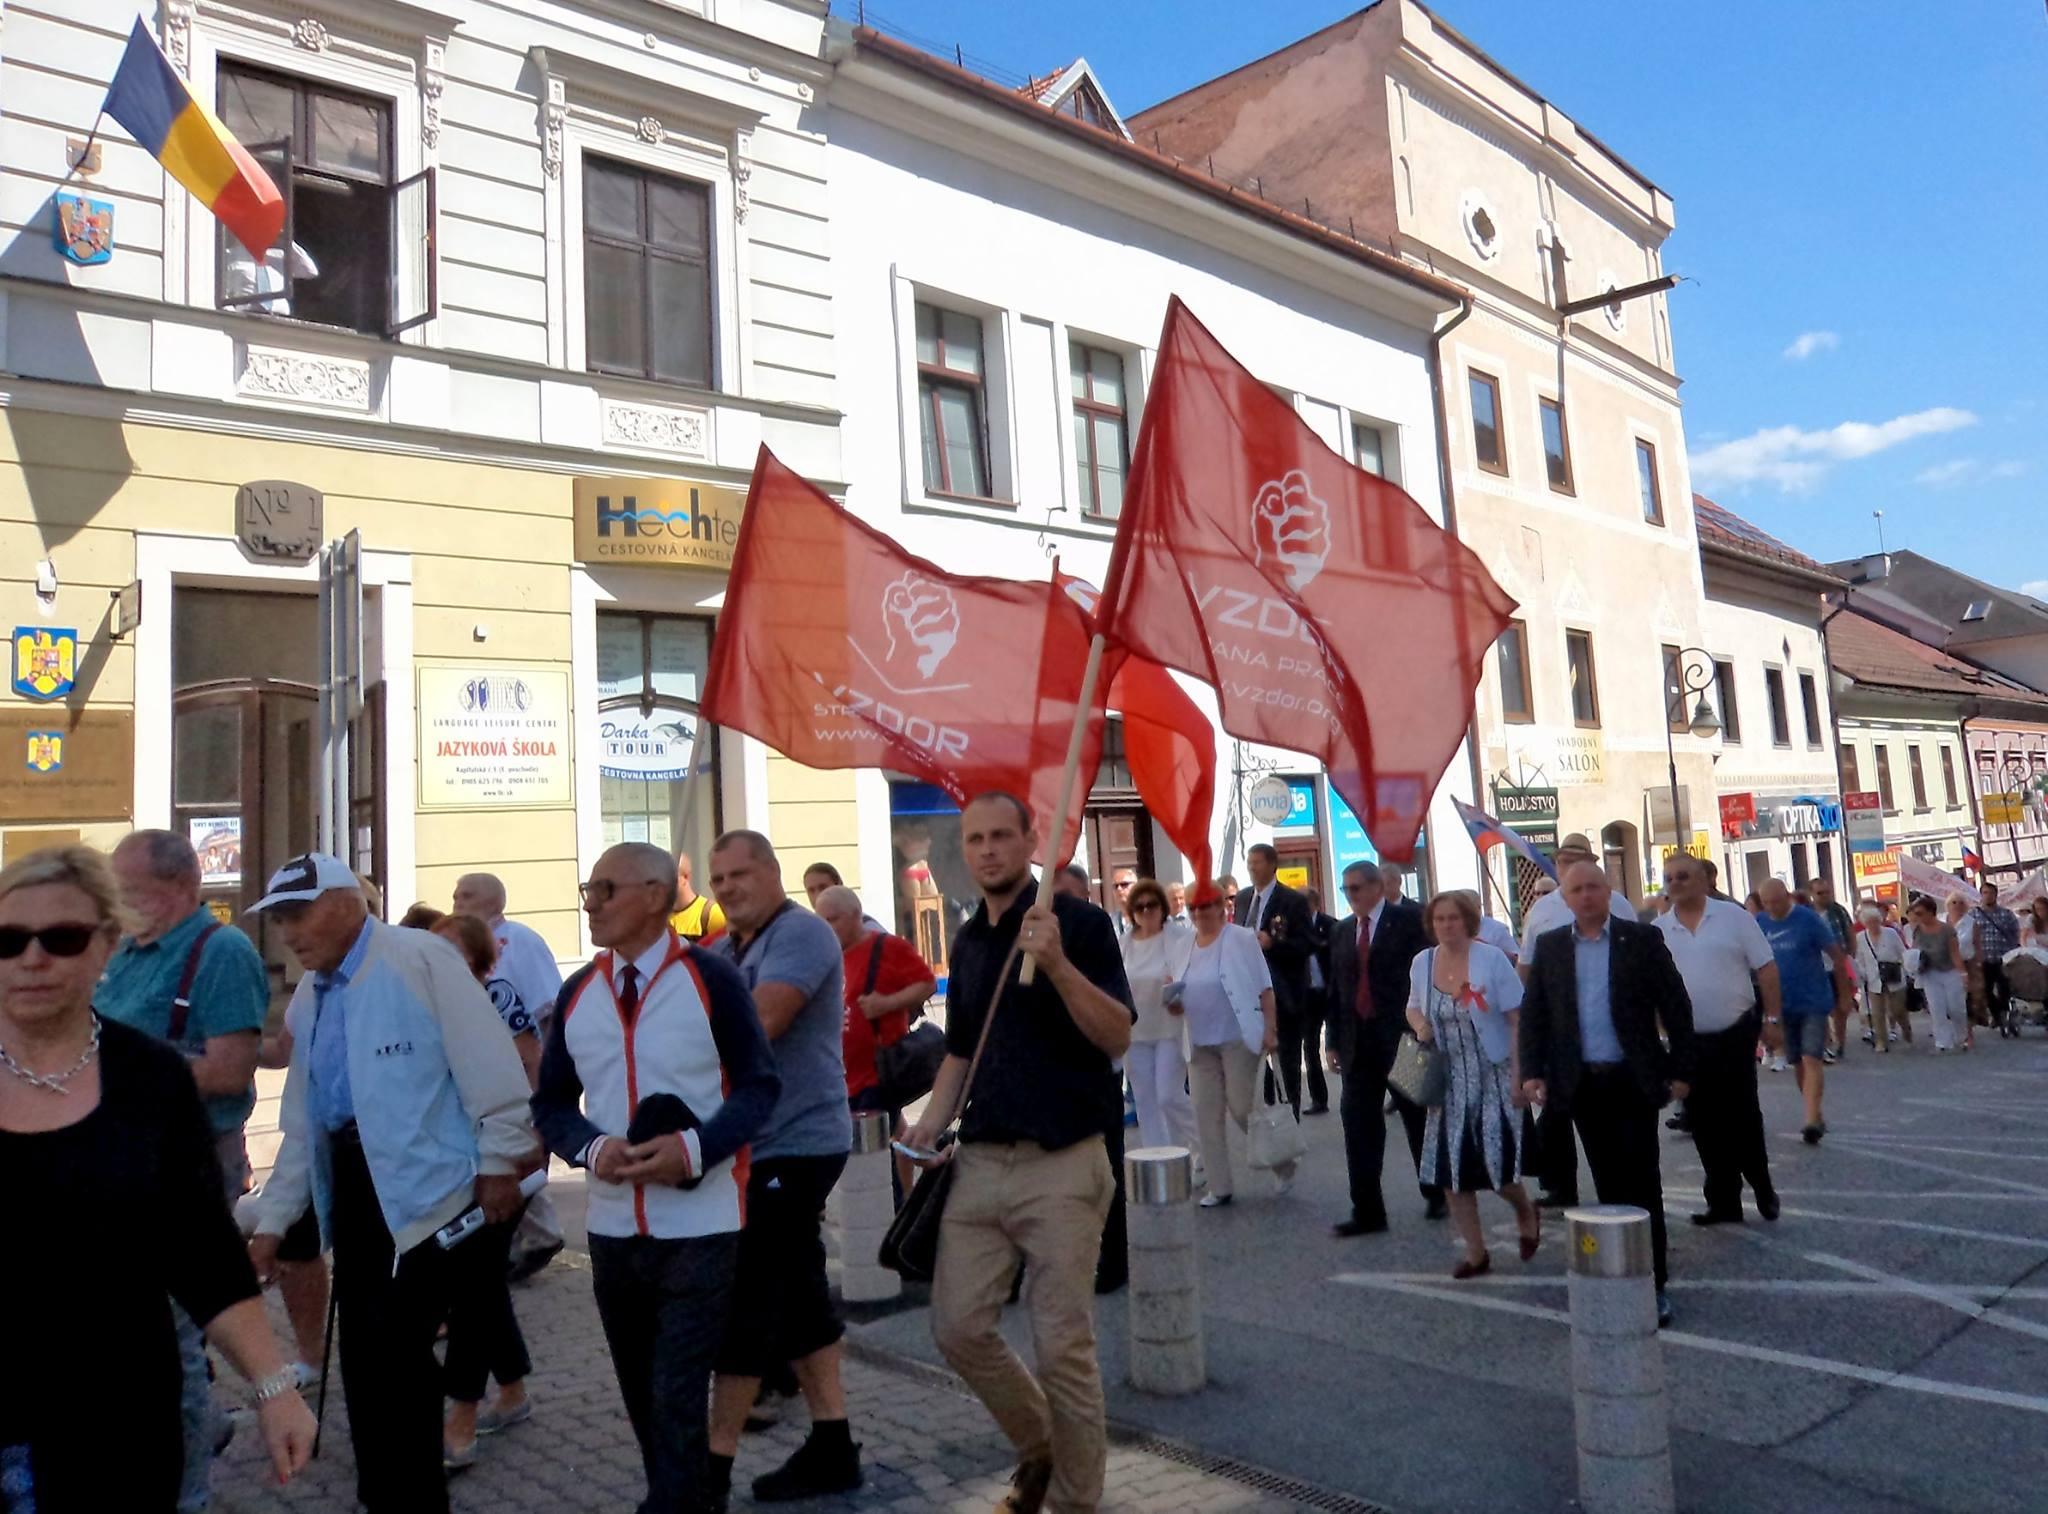 Vzdor-strana práce si uctila 73. výročie SNP na centrálnych oslavách v Banskej Bystrici: Zúčastnili sme sa aj početného antifašistického pochodu